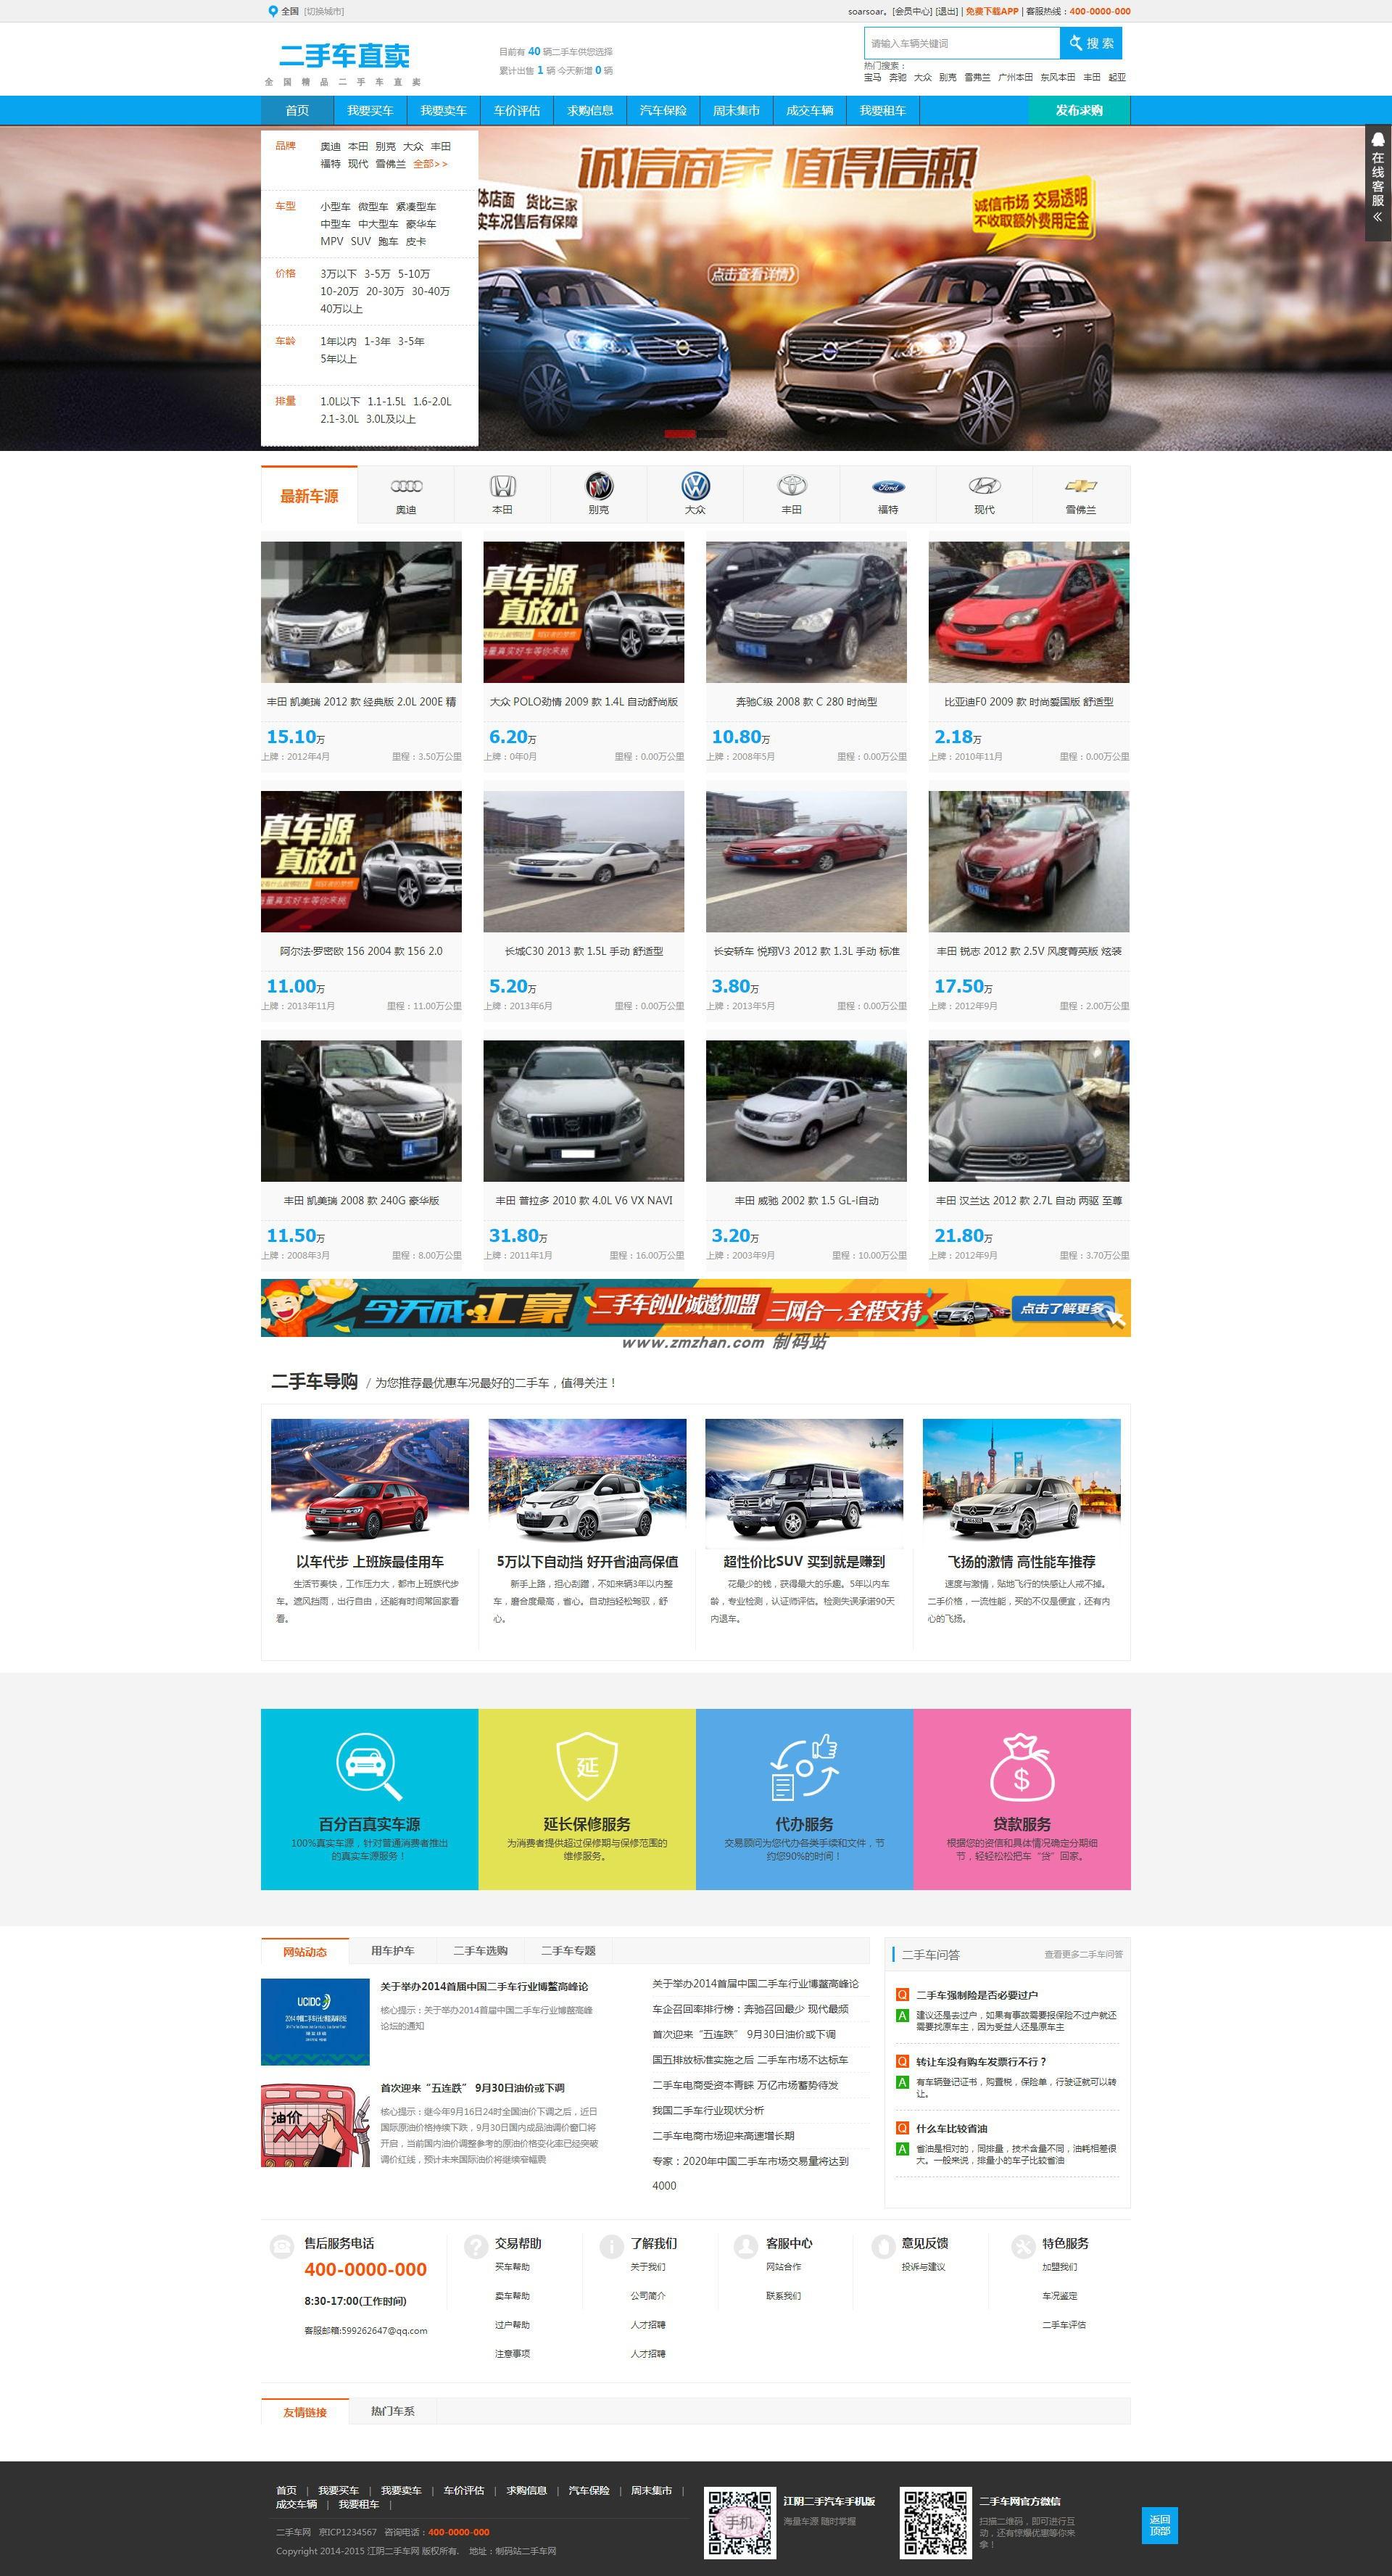 【PHP多城市源码+手机版】二手车多城市交易展示网 买车卖车租车交易平台源码